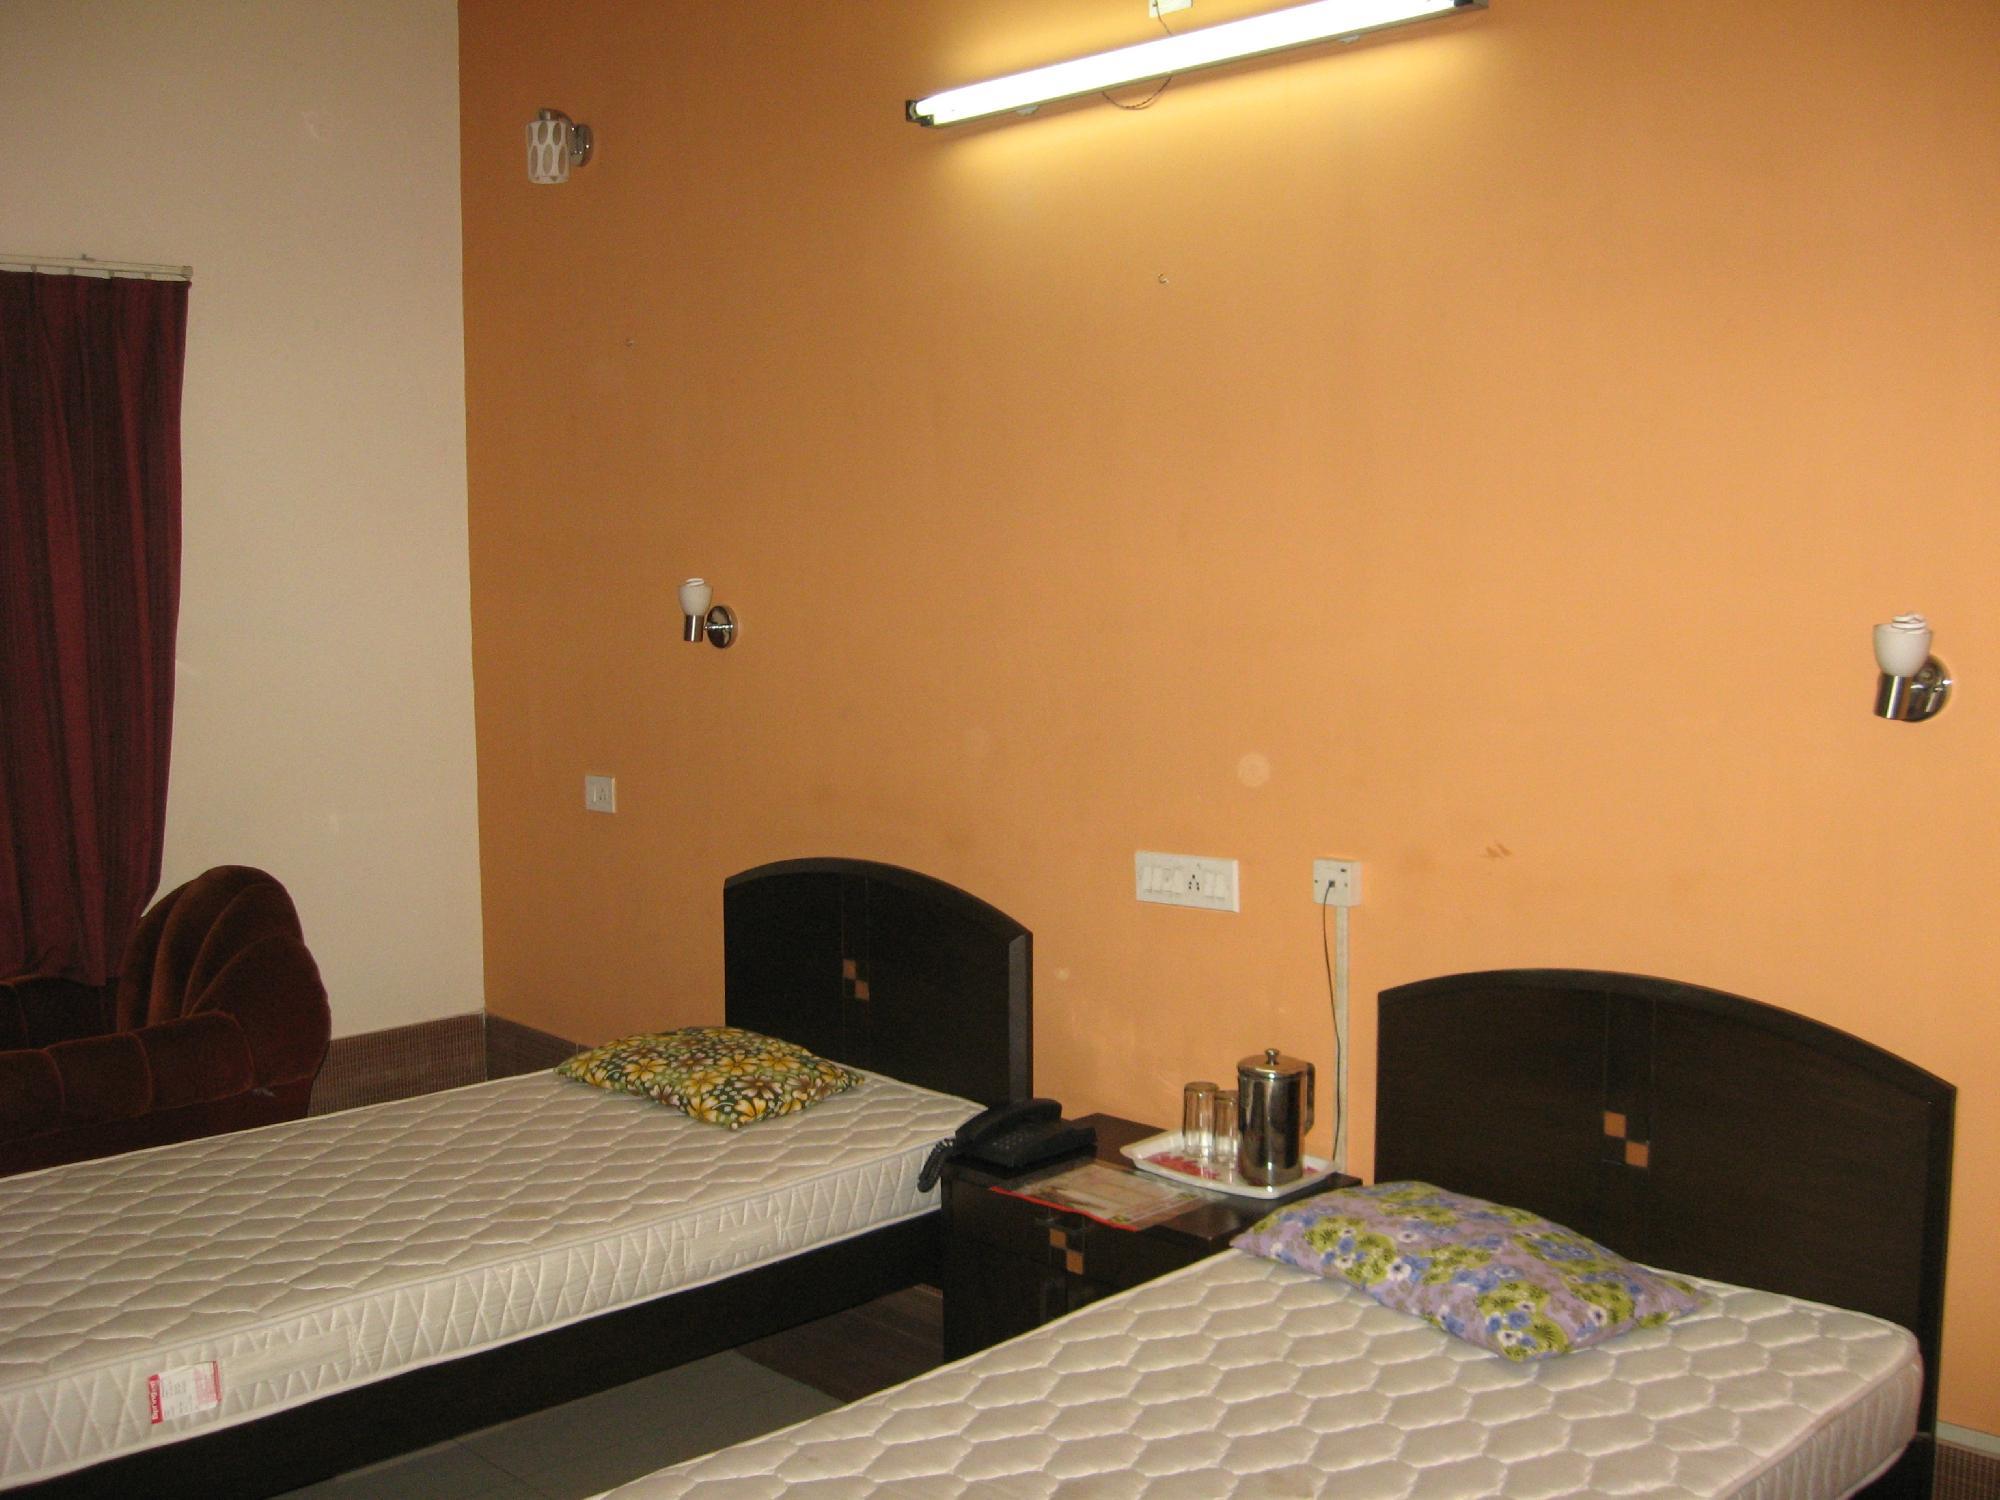 Sri Nikatan Hotel - Netaji Subhash Road - Malda Image